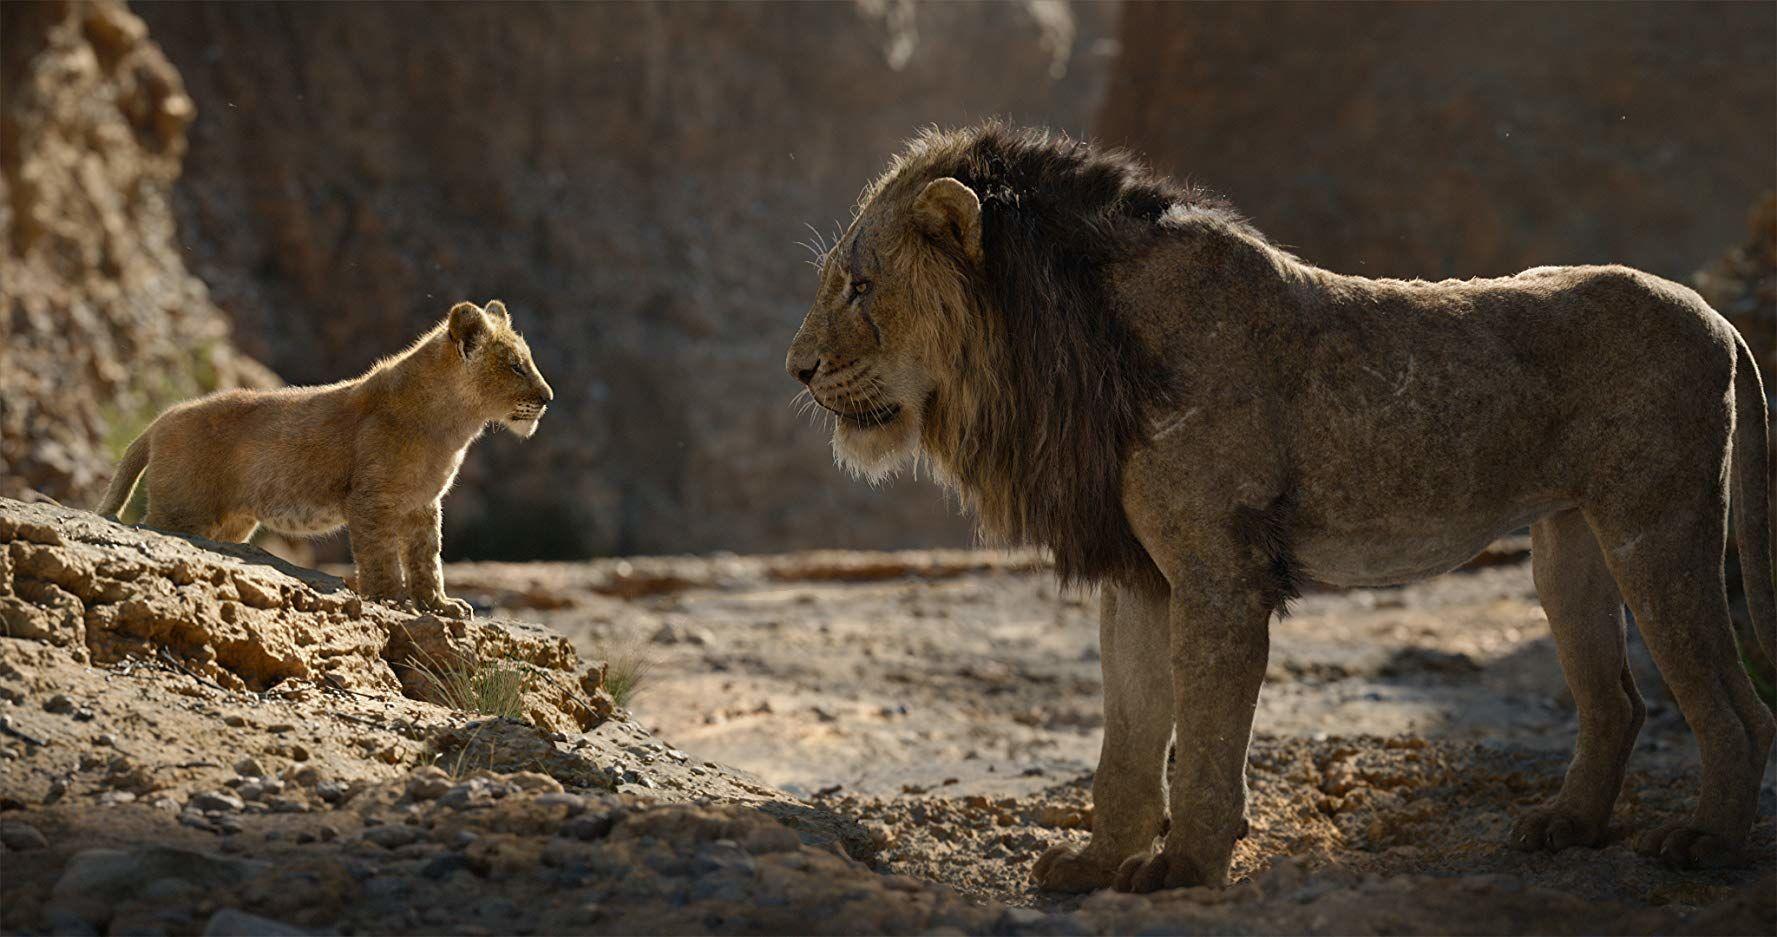 Sukses Besar! The Lion King Raup Rp7,4 Triliun dalam Sepuluh Hari